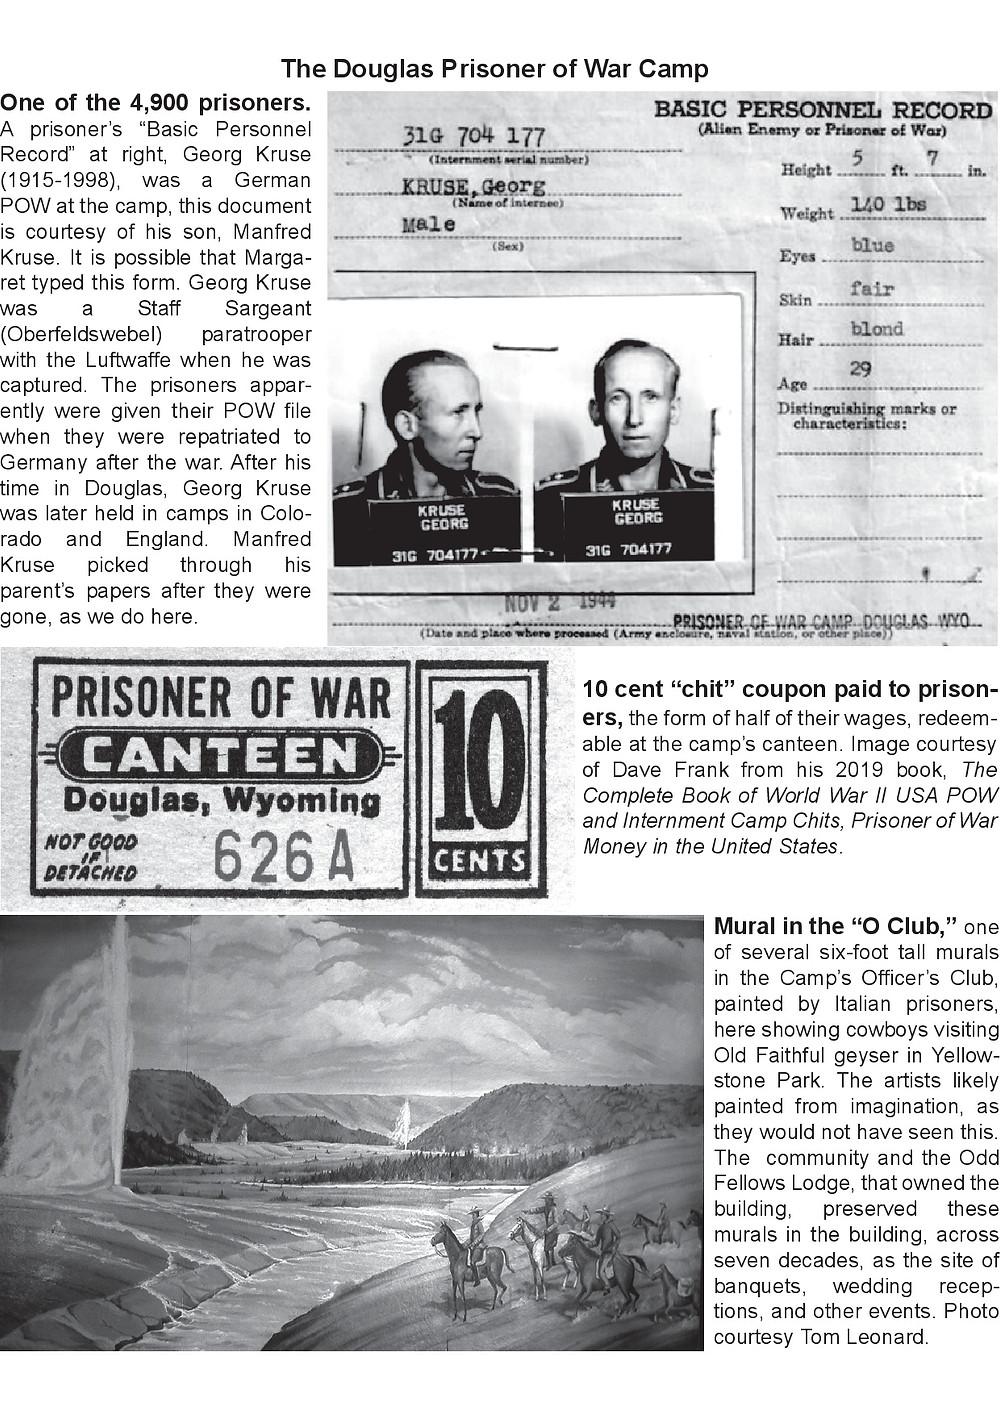 Mein Vater Georg Kruse war nach dem Zweiten Weltkrieg in diesem POW Camp.